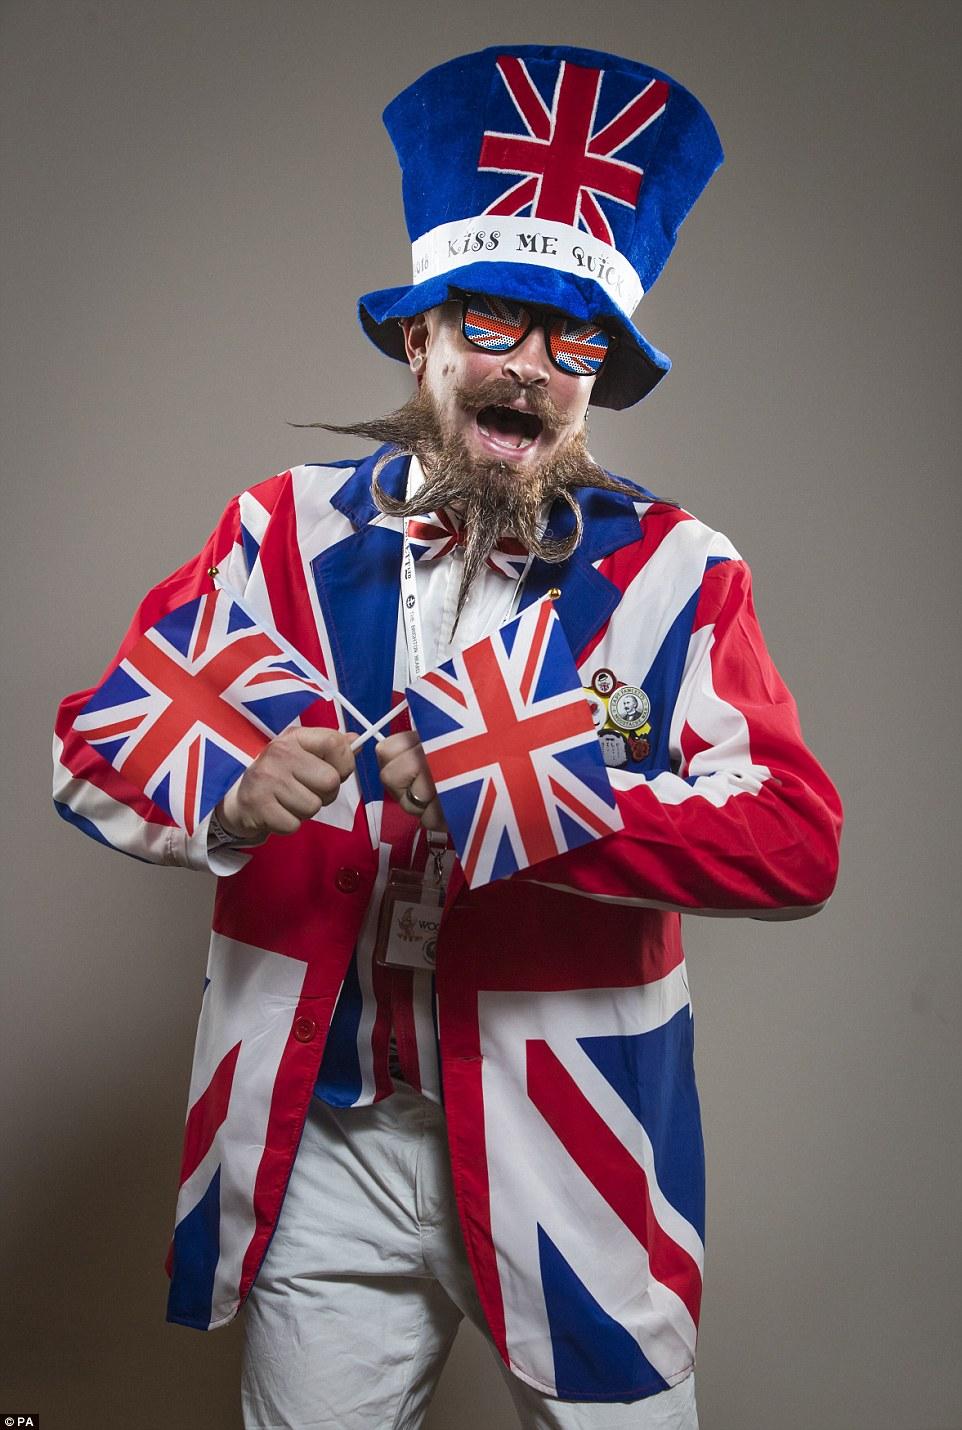 Конкурс бородачей и усачей в Великобритании 2018